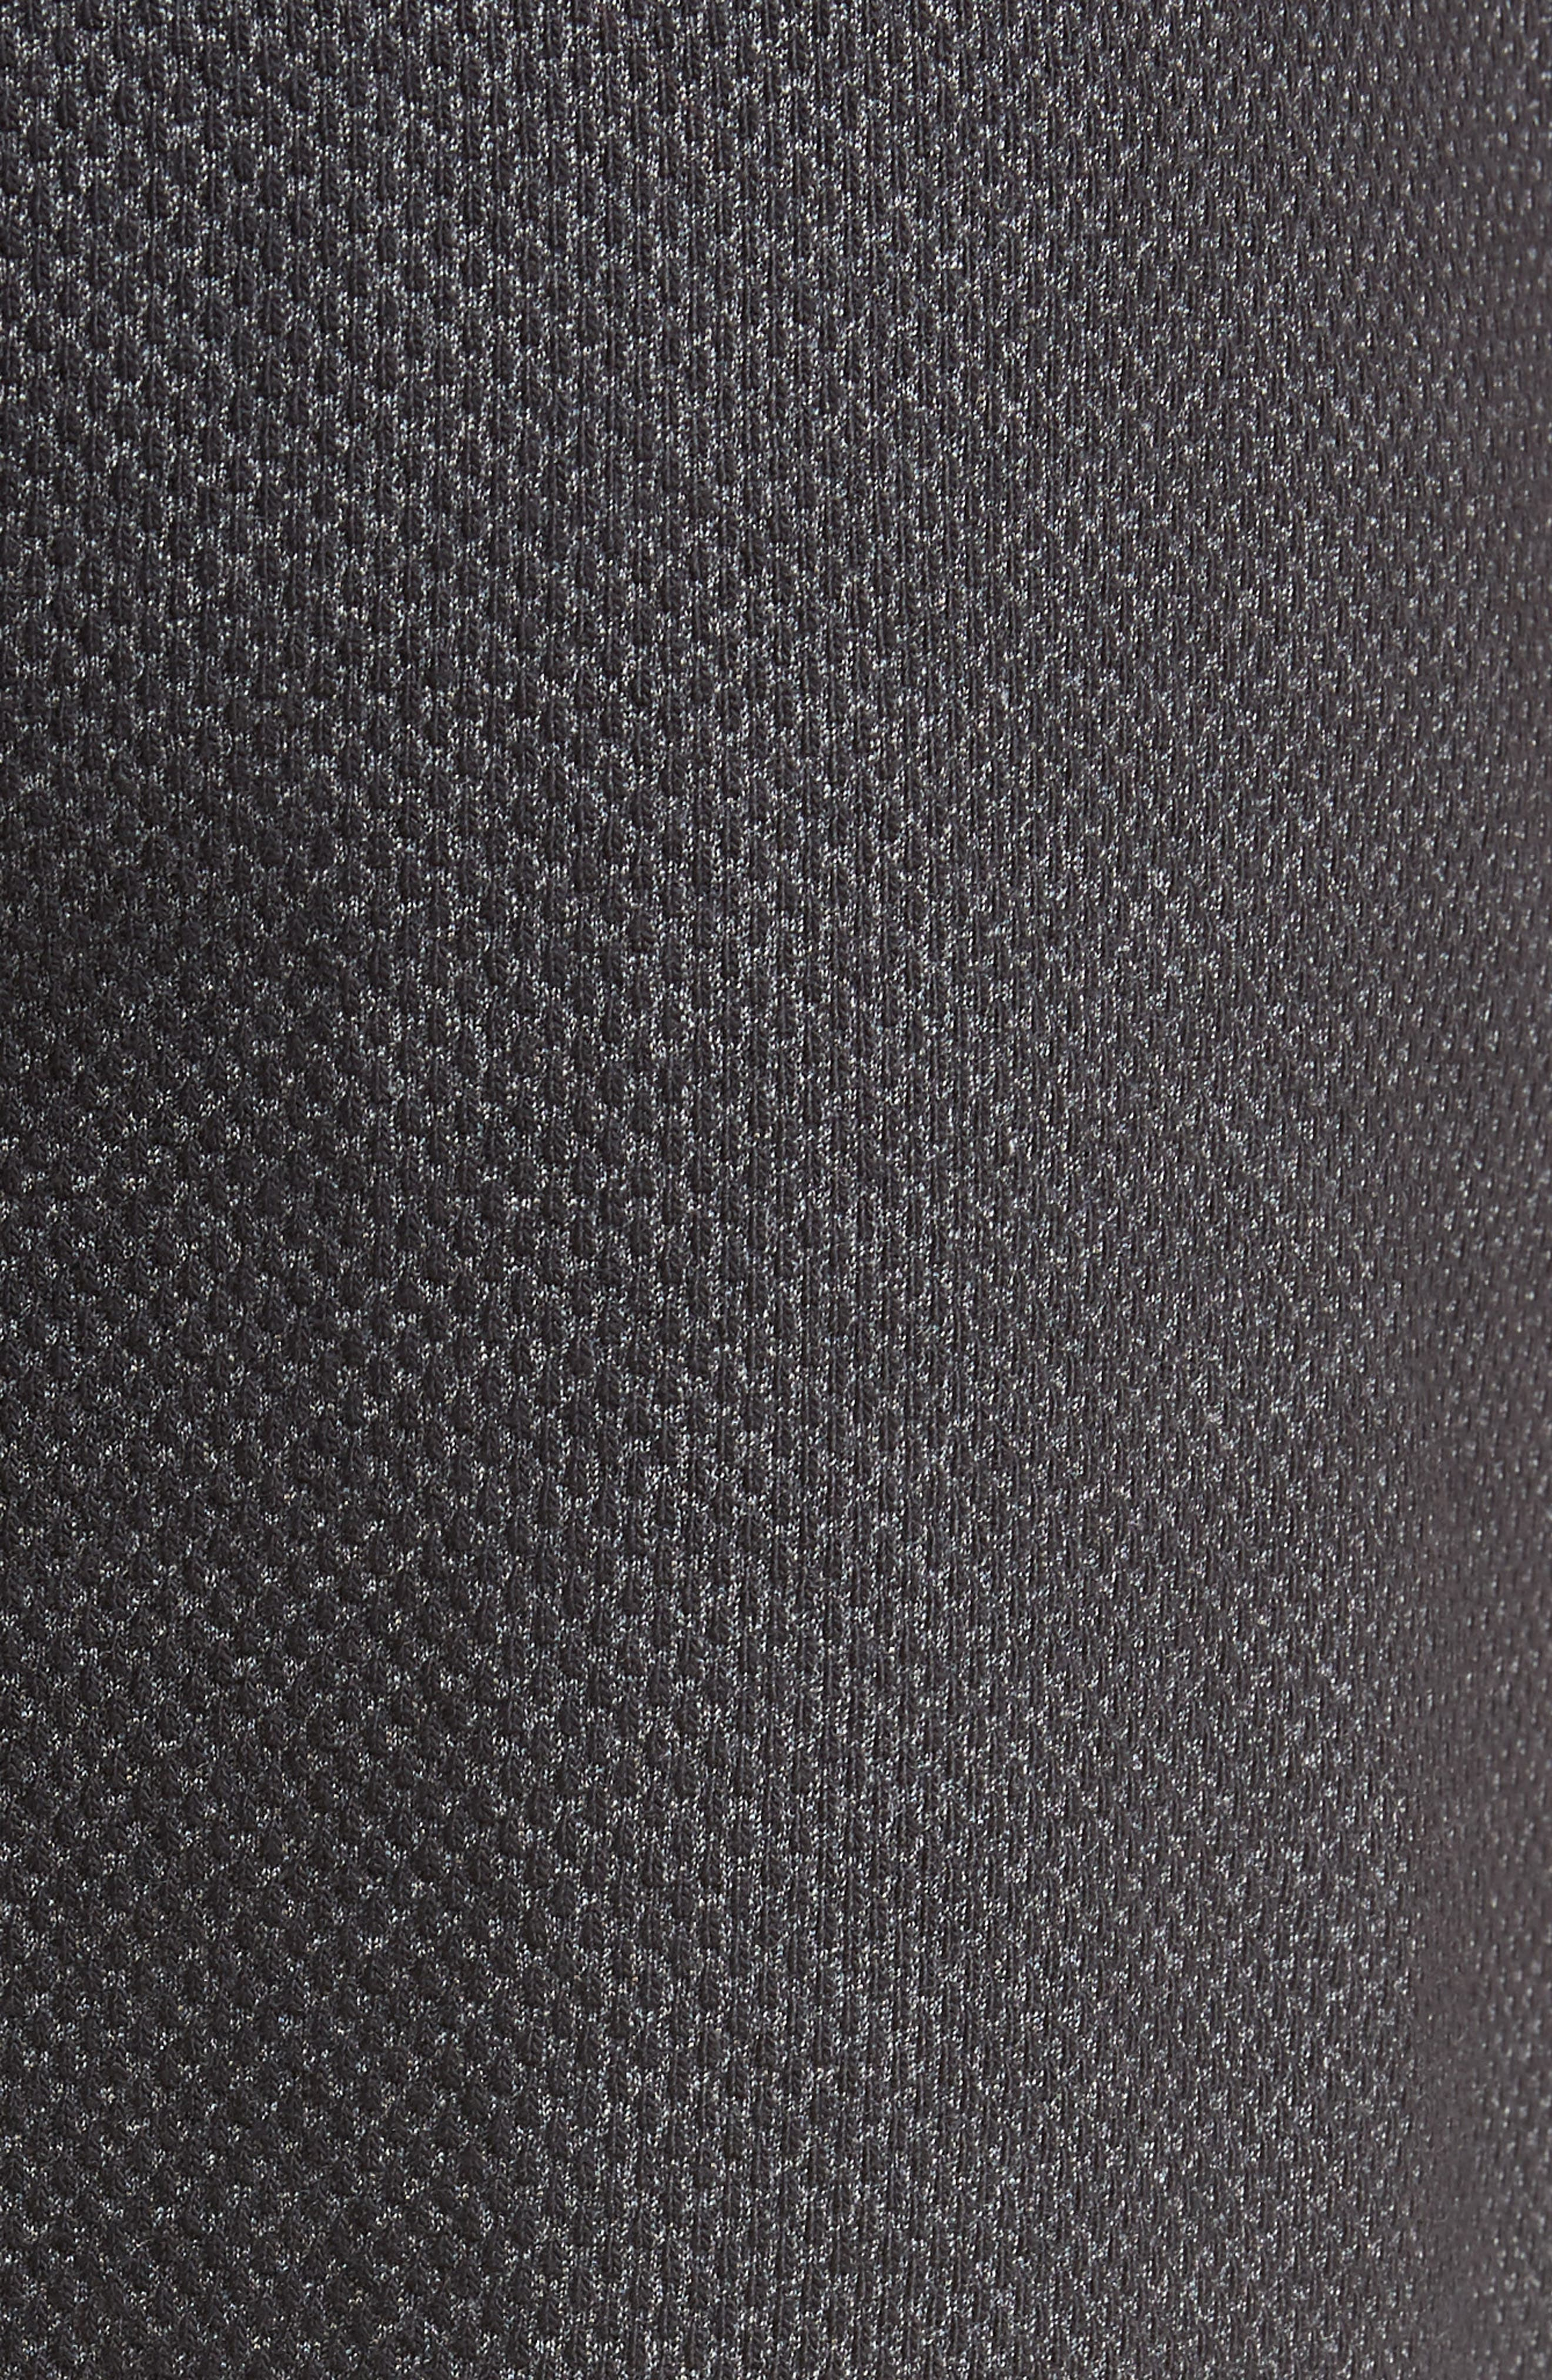 Pursuit Fleece Trim Fit Shorts,                             Alternate thumbnail 5, color,                             BLACK/ BLACK/ STEALTH GRAY